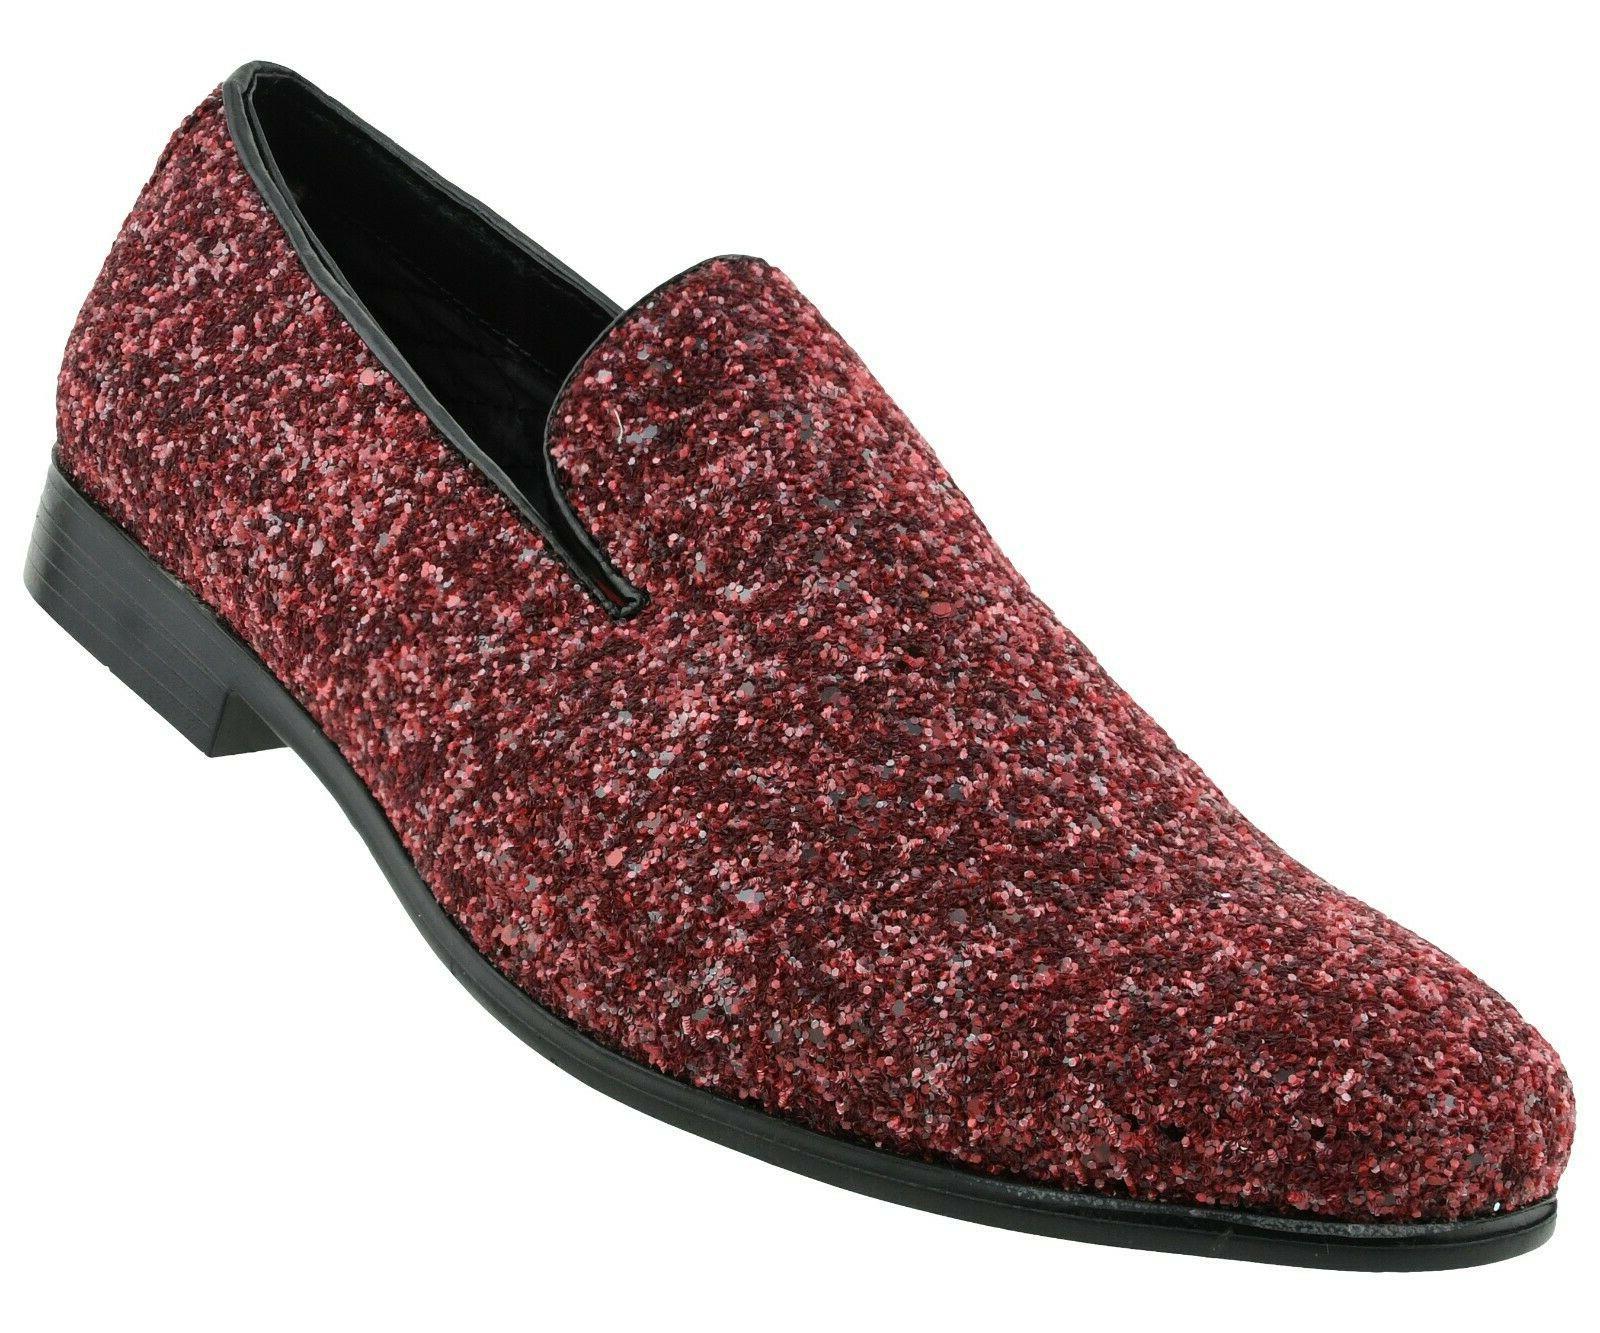 Amali Mens Burgundy Sparkling Glitter Slip On Tuxedo Dress S